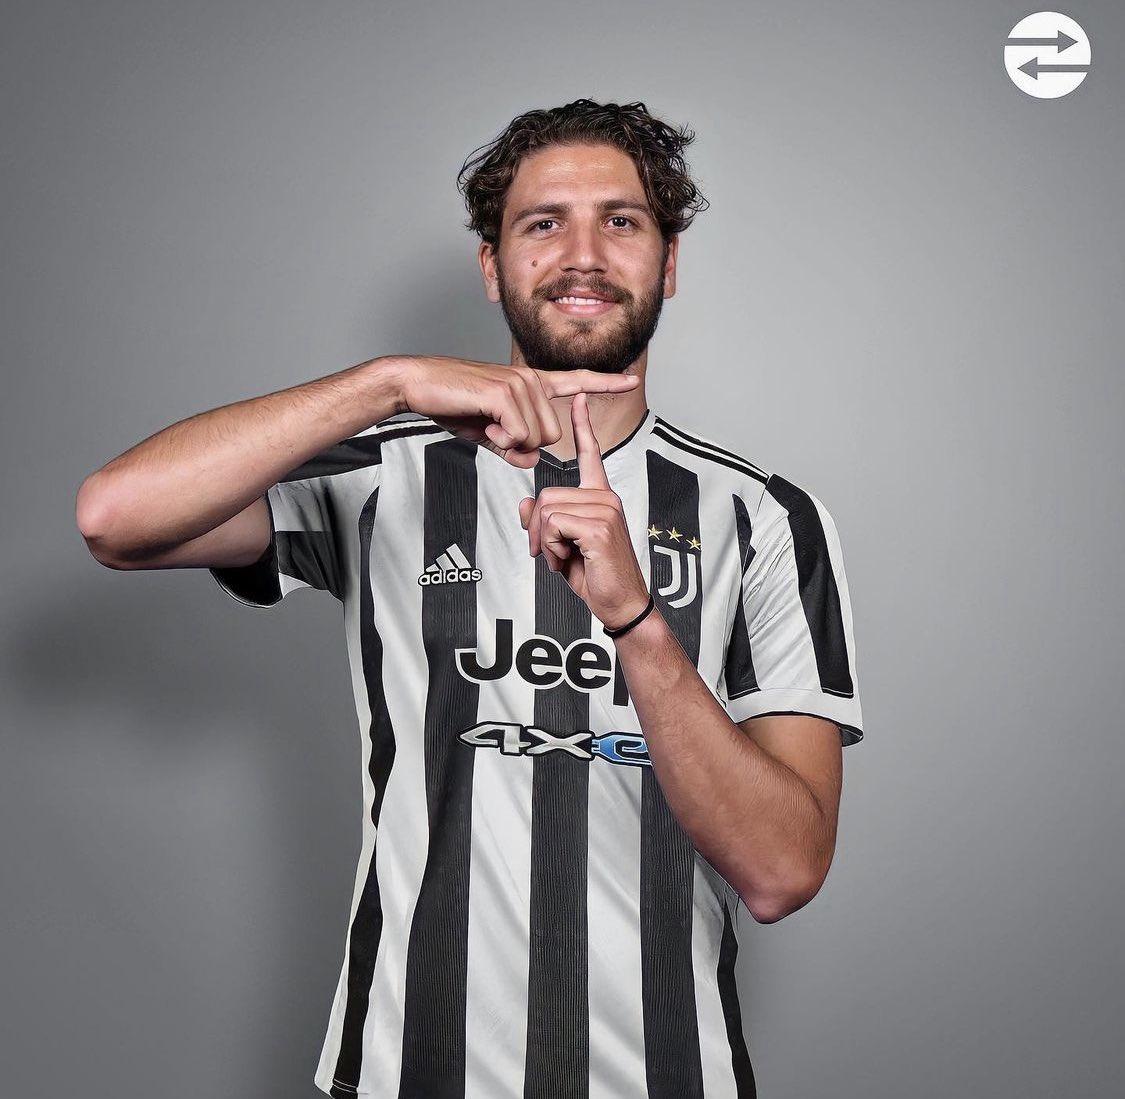 Locatelli sẽ ký hợp đồng và ra mắt ở Juventus trong hôm nay 18/8. Ảnh: Twitter / Fabrizio Romano